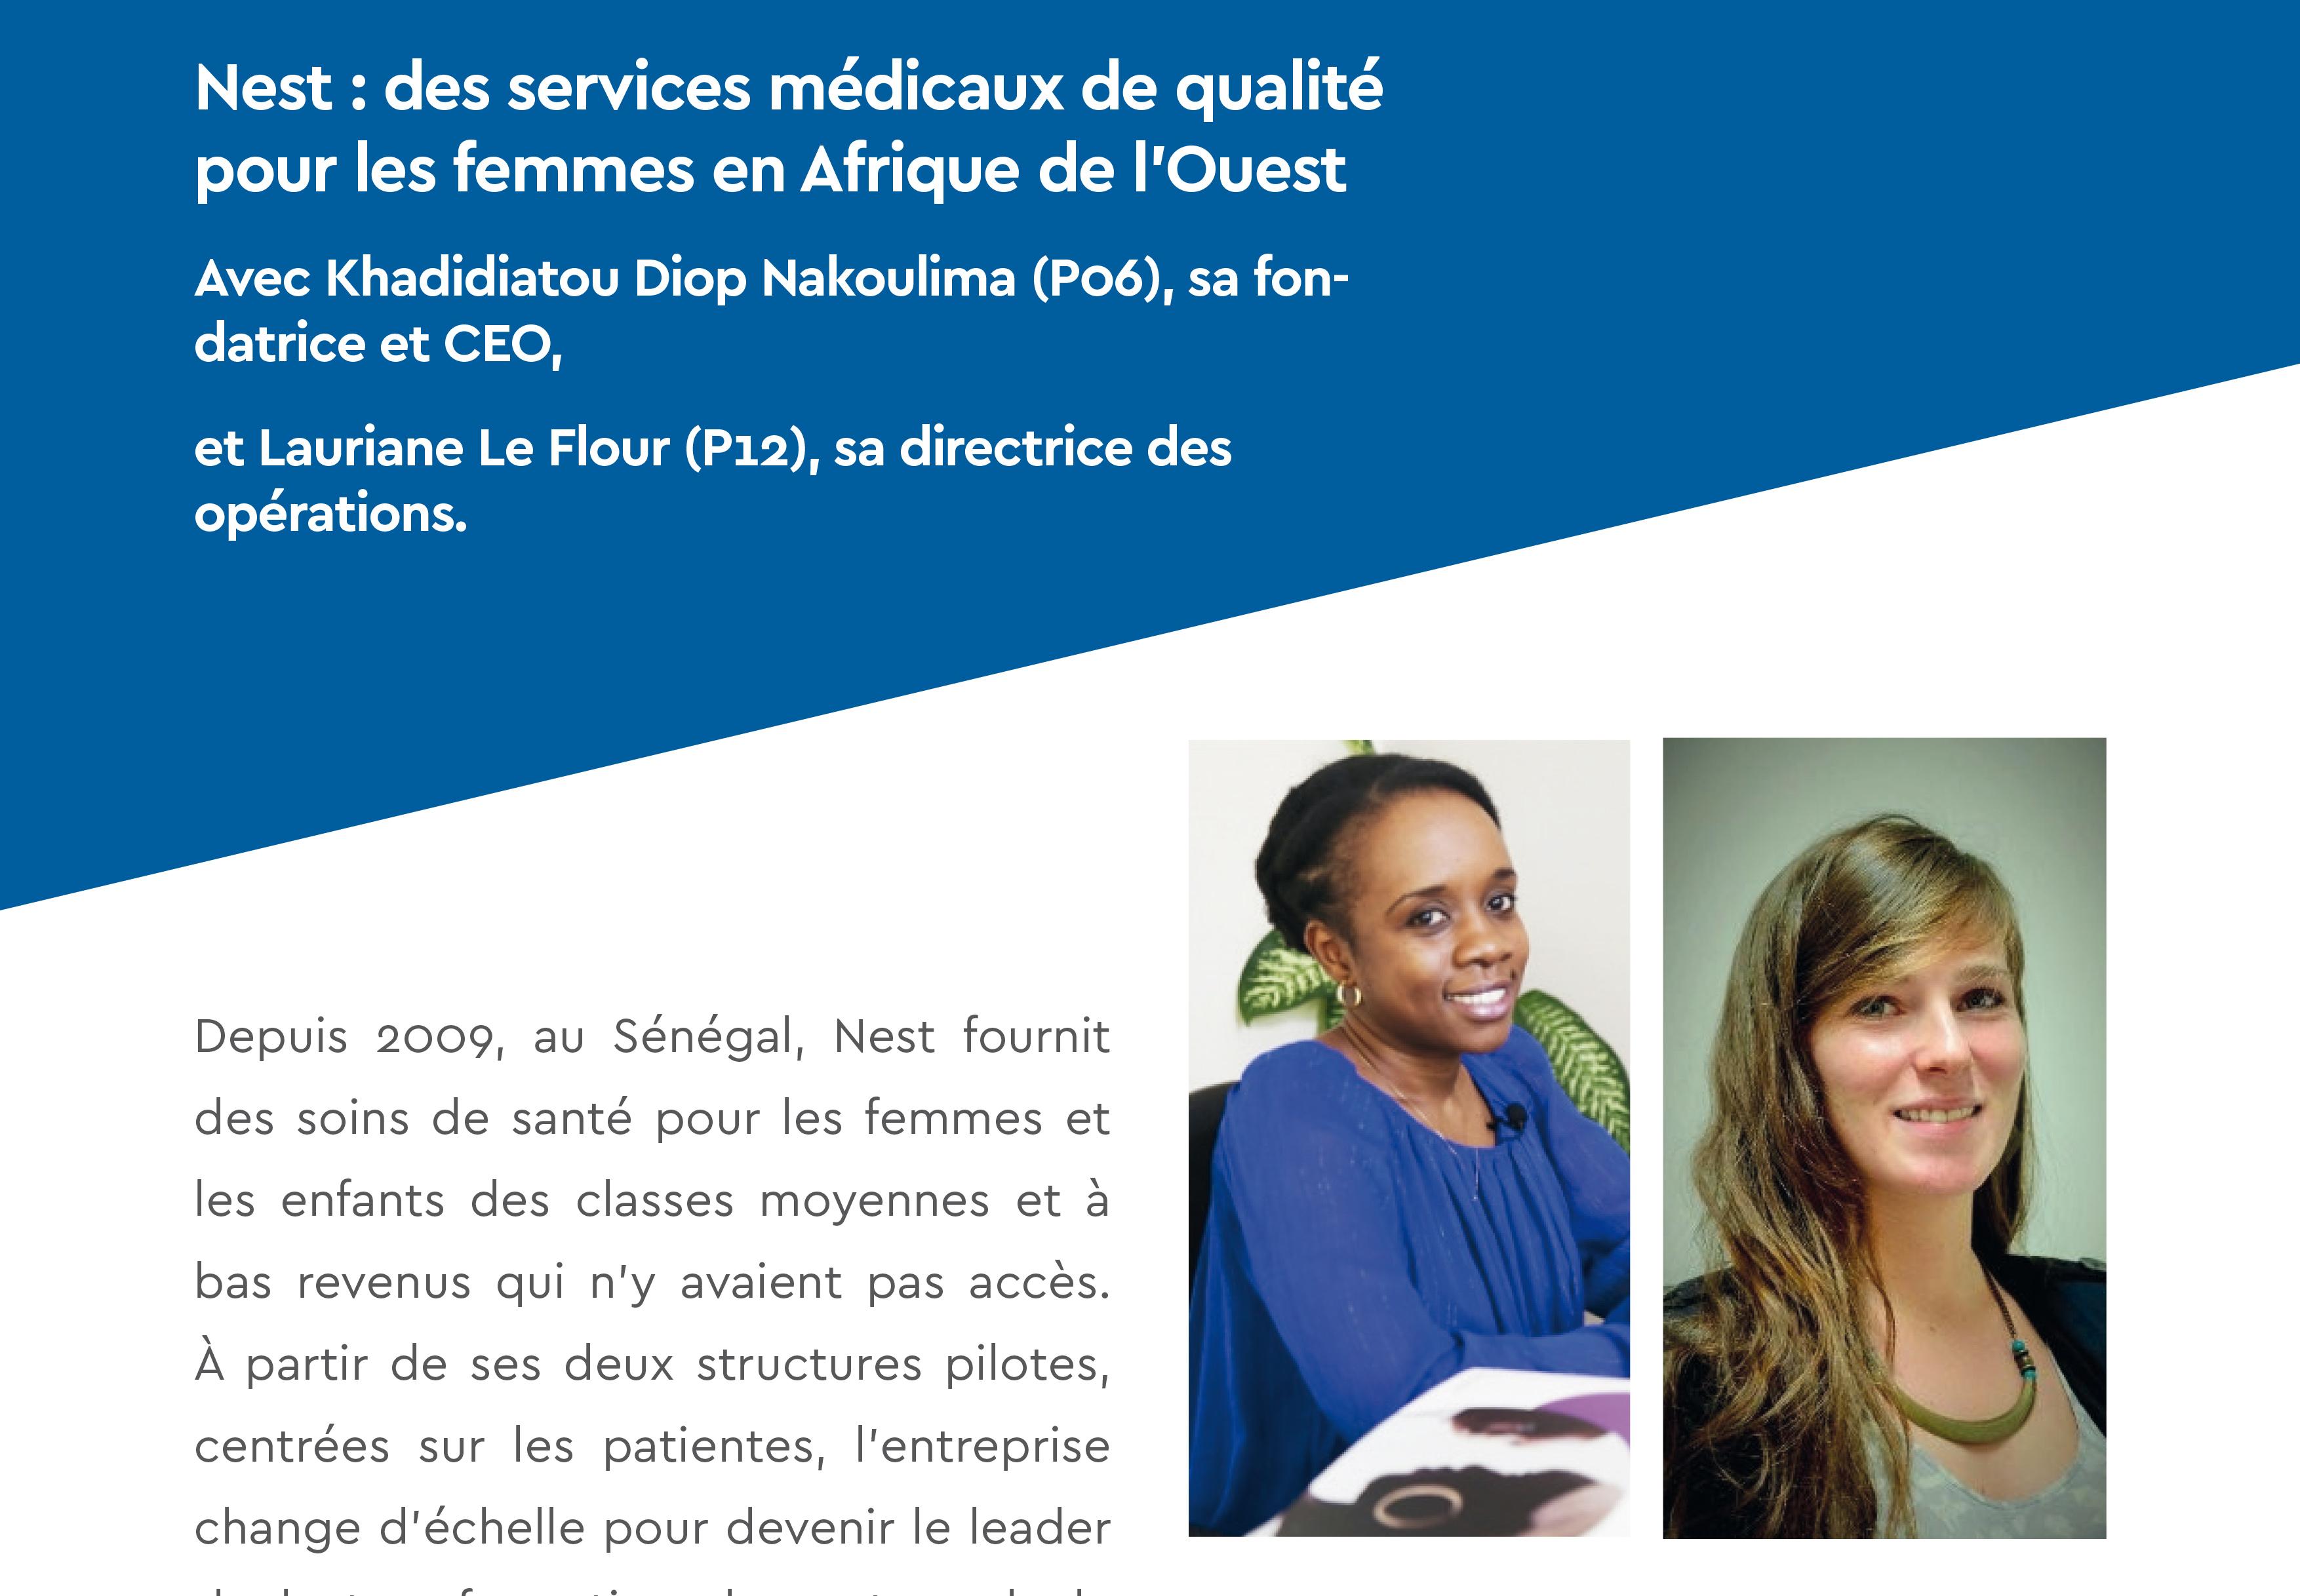 Des services médicaux de qualité et à bas coût, pour les femmes, en Afrique de l'Ouest